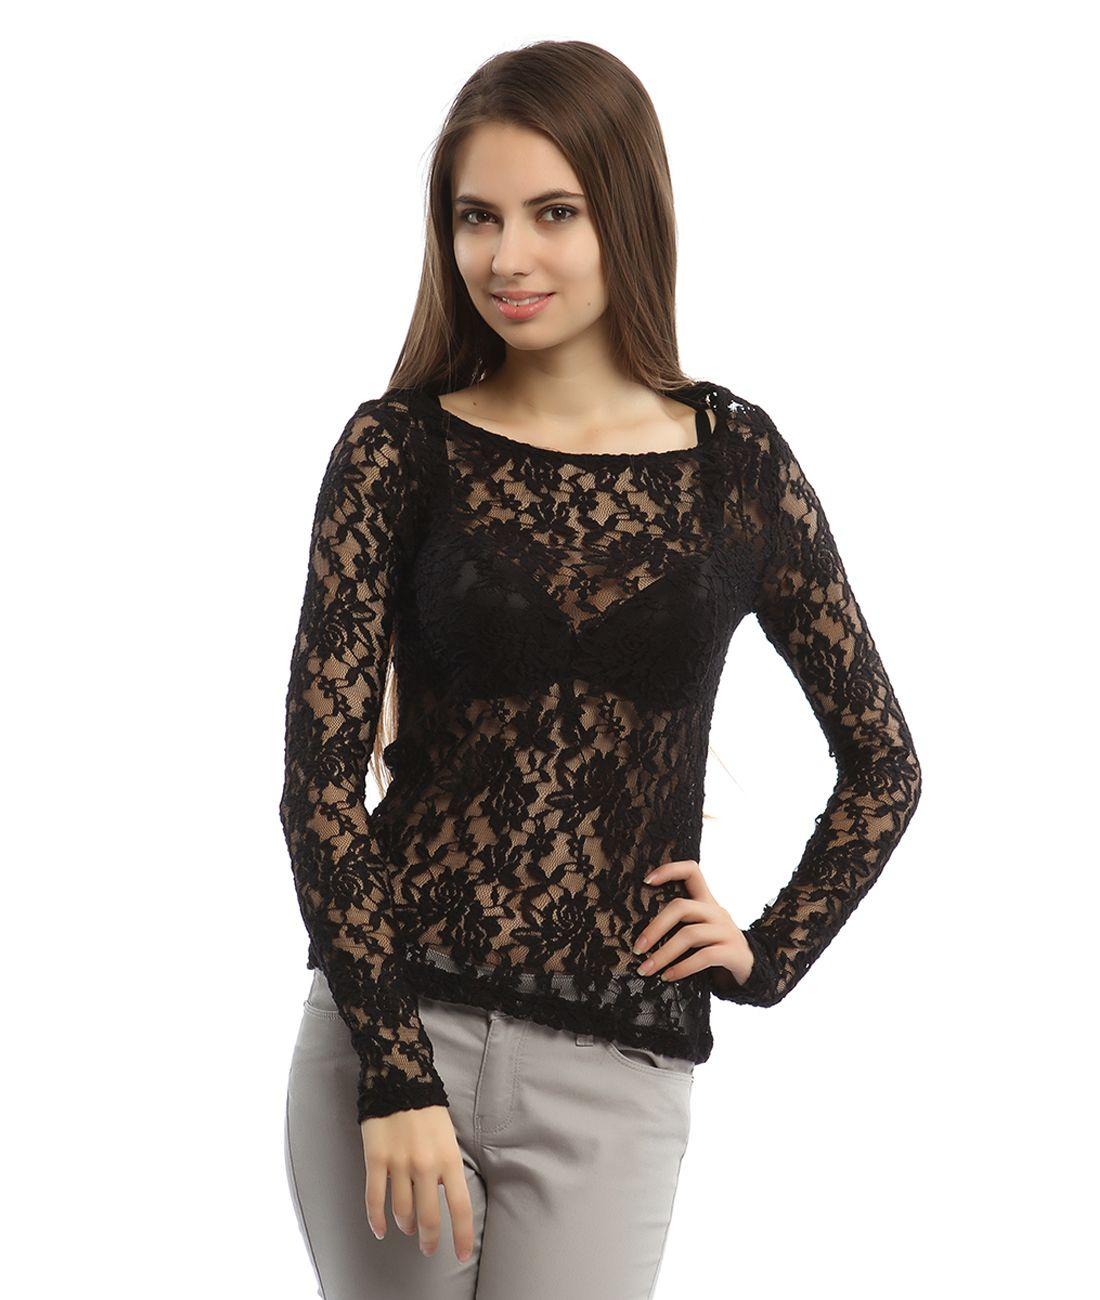 Collezione T Shirt Uzun Kol Siyah Ipekway Siyah Urunler